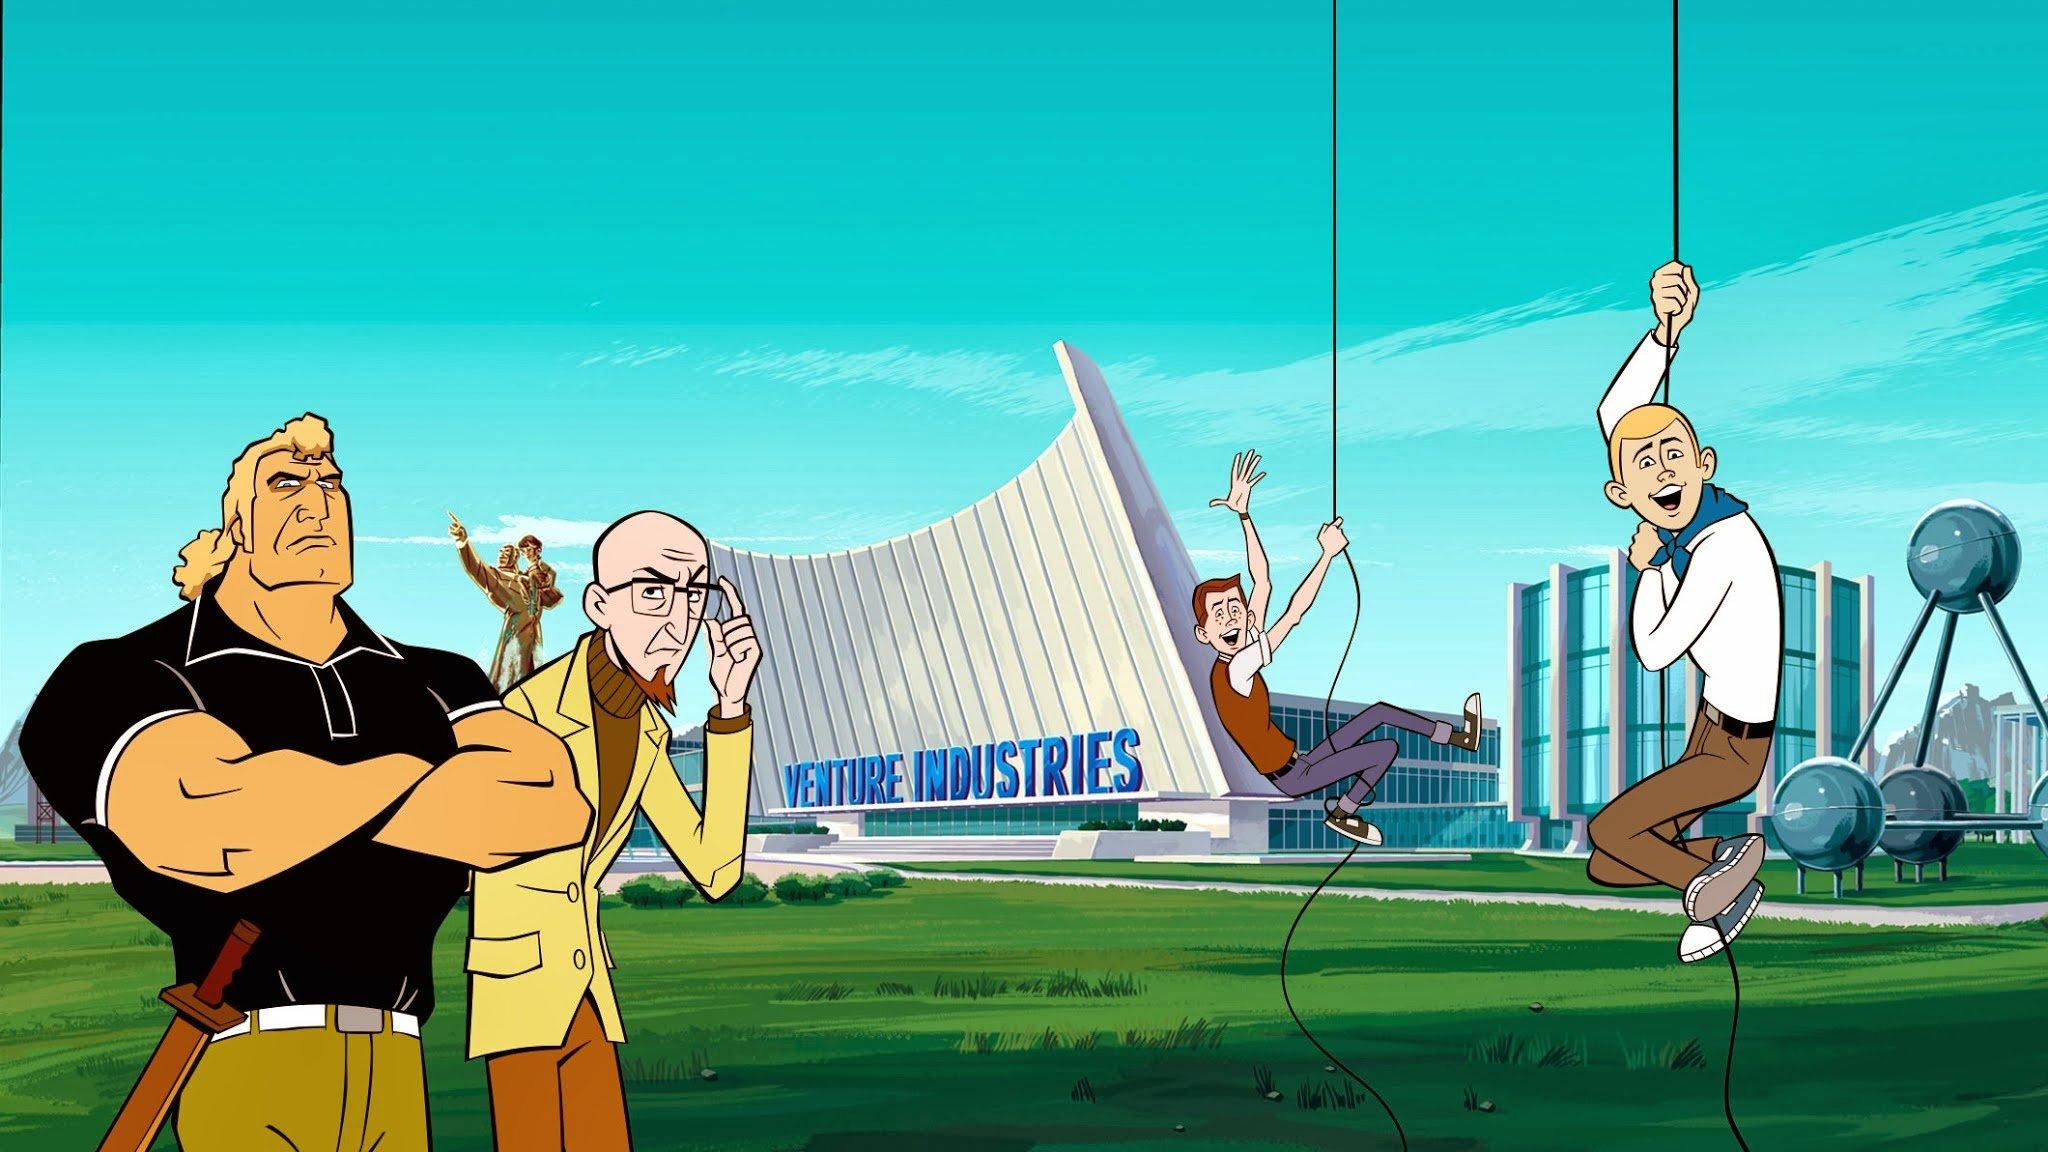 Venture bros cartoon comedy adventure 10 wallpaper - Venture bros wallpaper ...